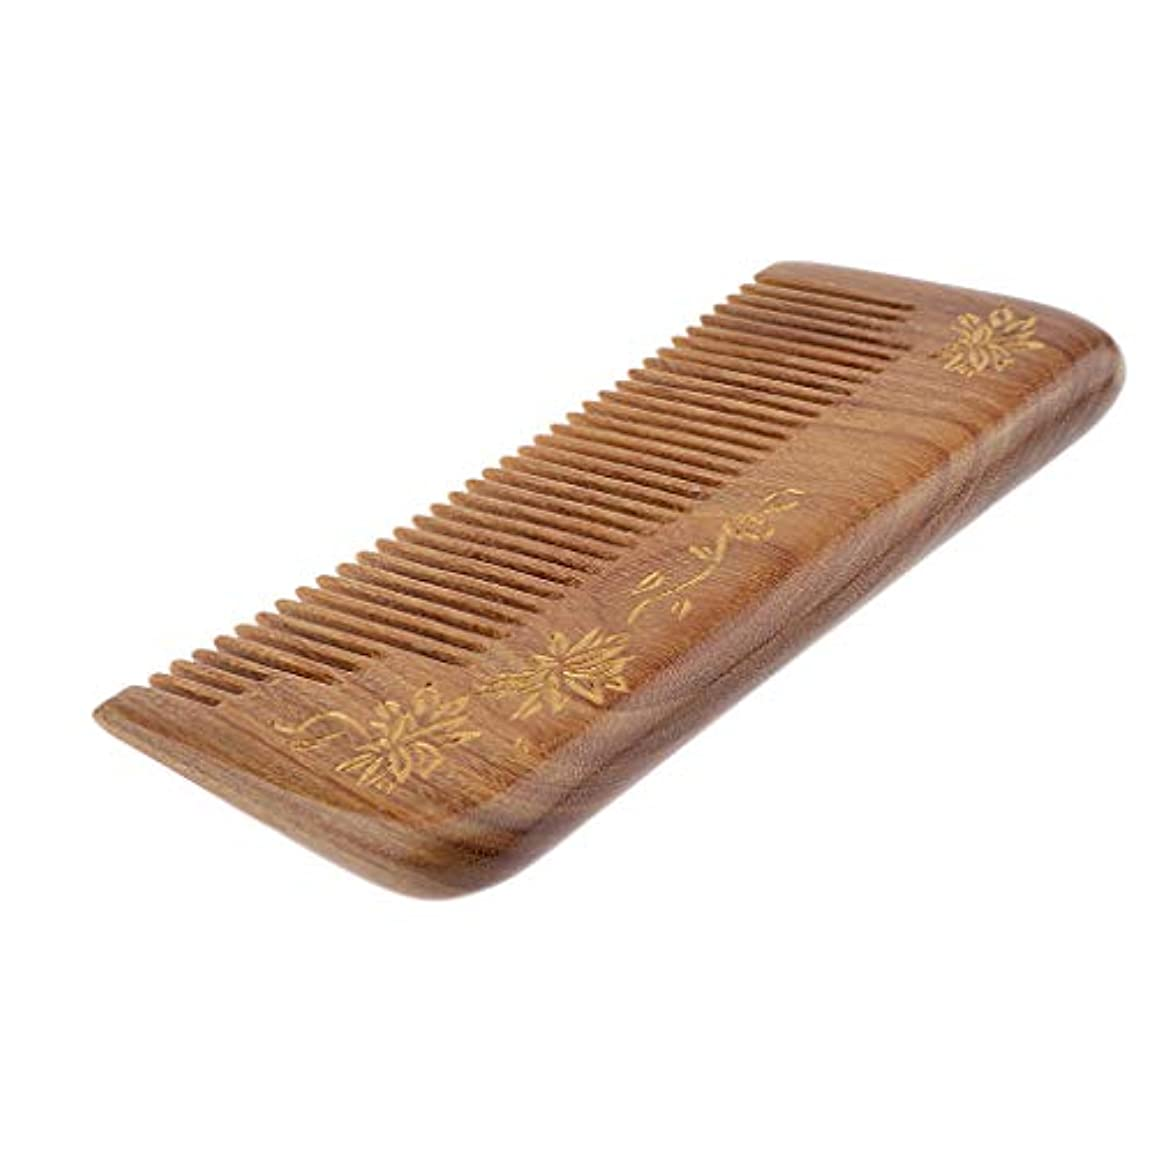 マスクレイ承知しましたCUTICATE 木製櫛 広い歯 ヘアコーム ヘアブラシ 頭皮マッサージ 帯電防止 4仕様選べ - #3